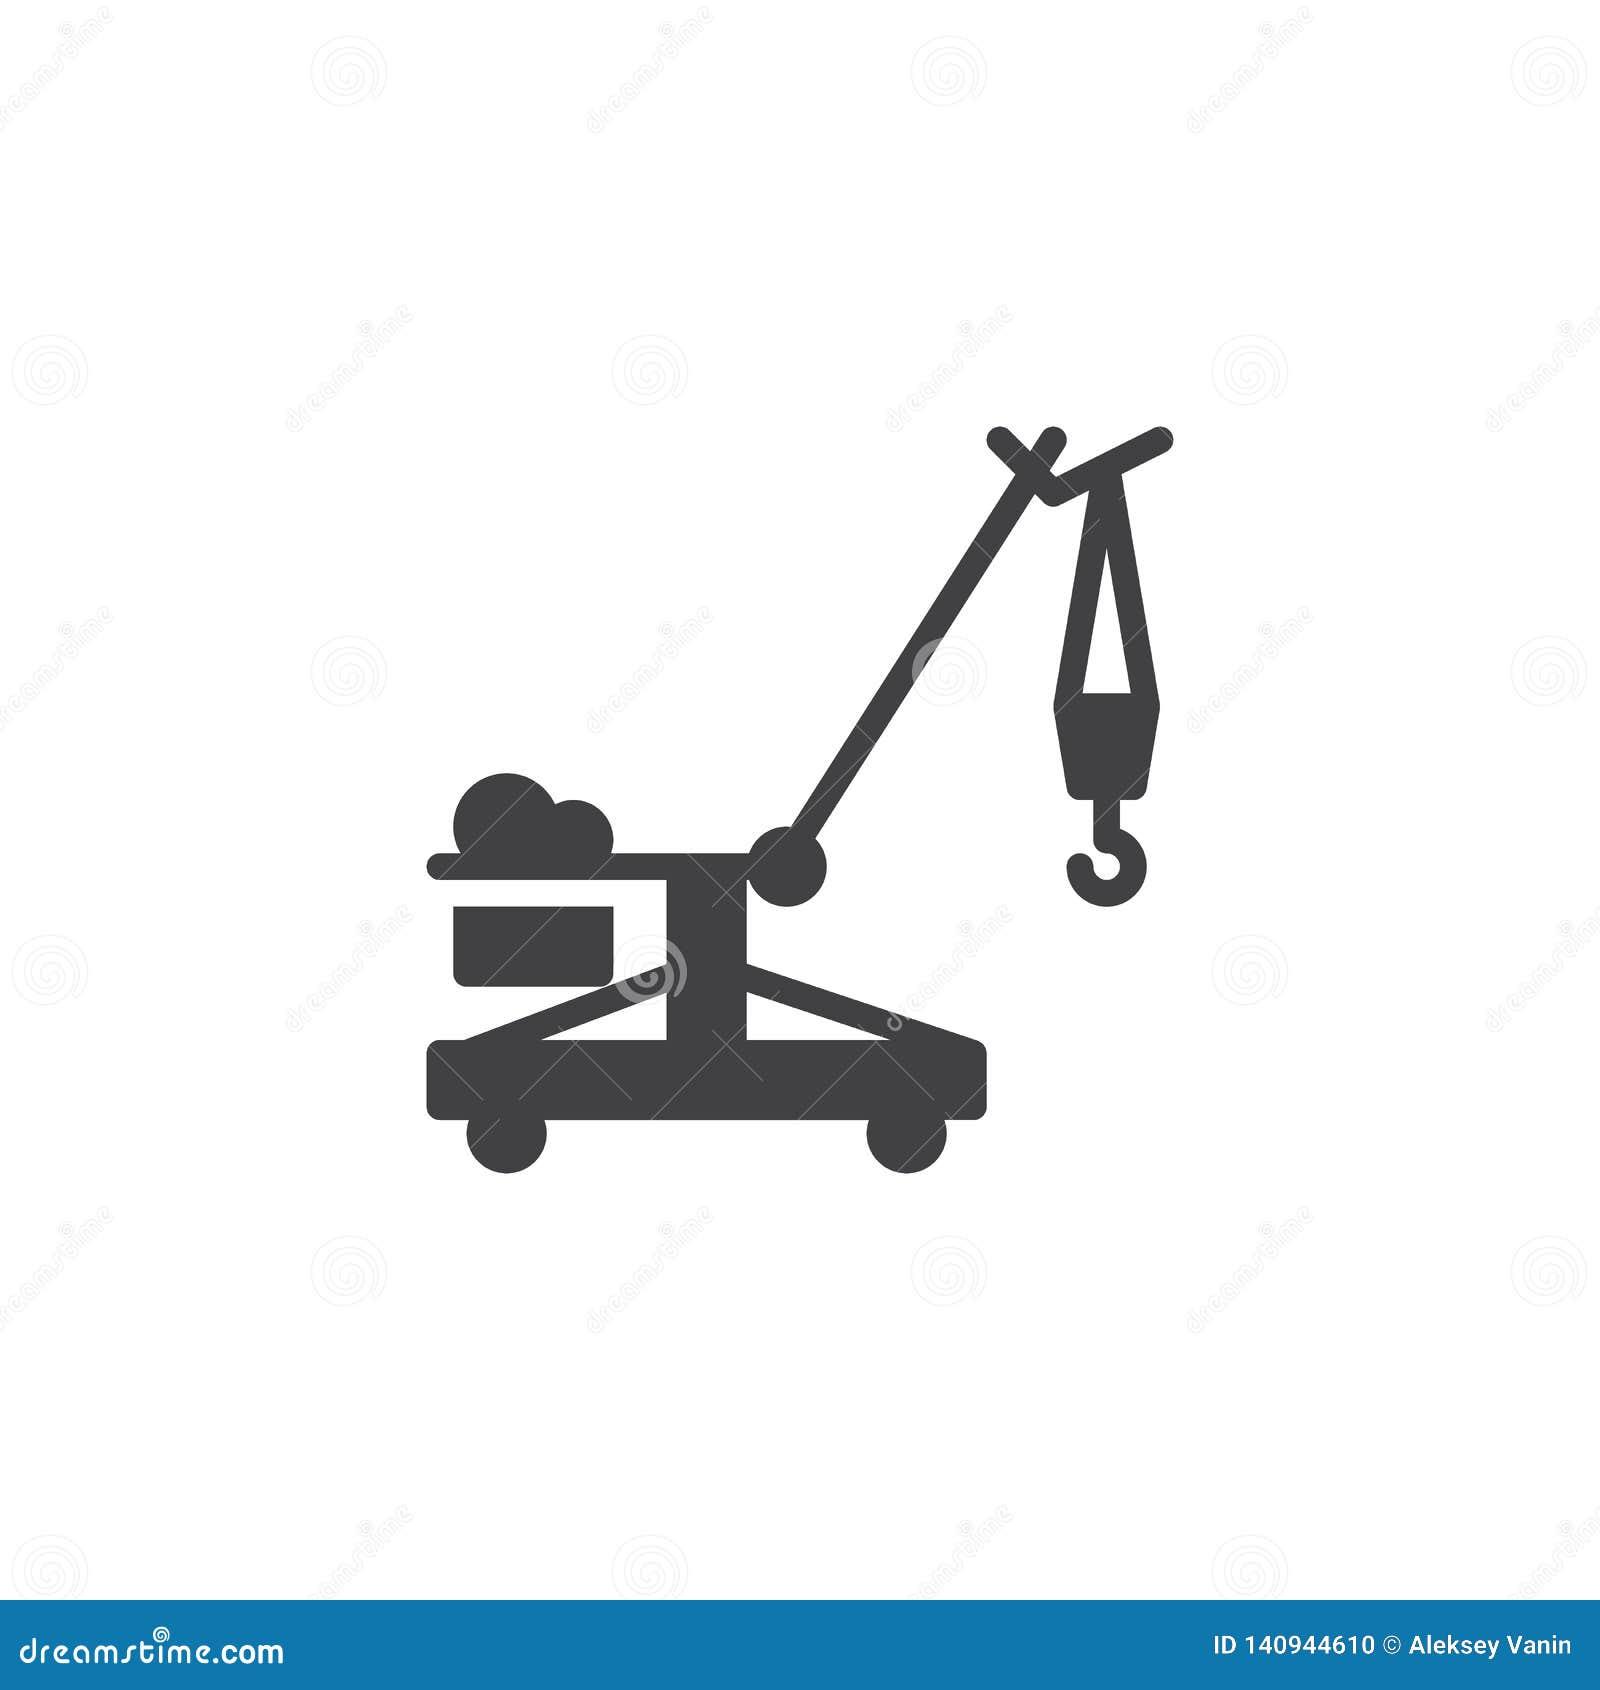 Ícone do vetor do guindaste de esteira rolante